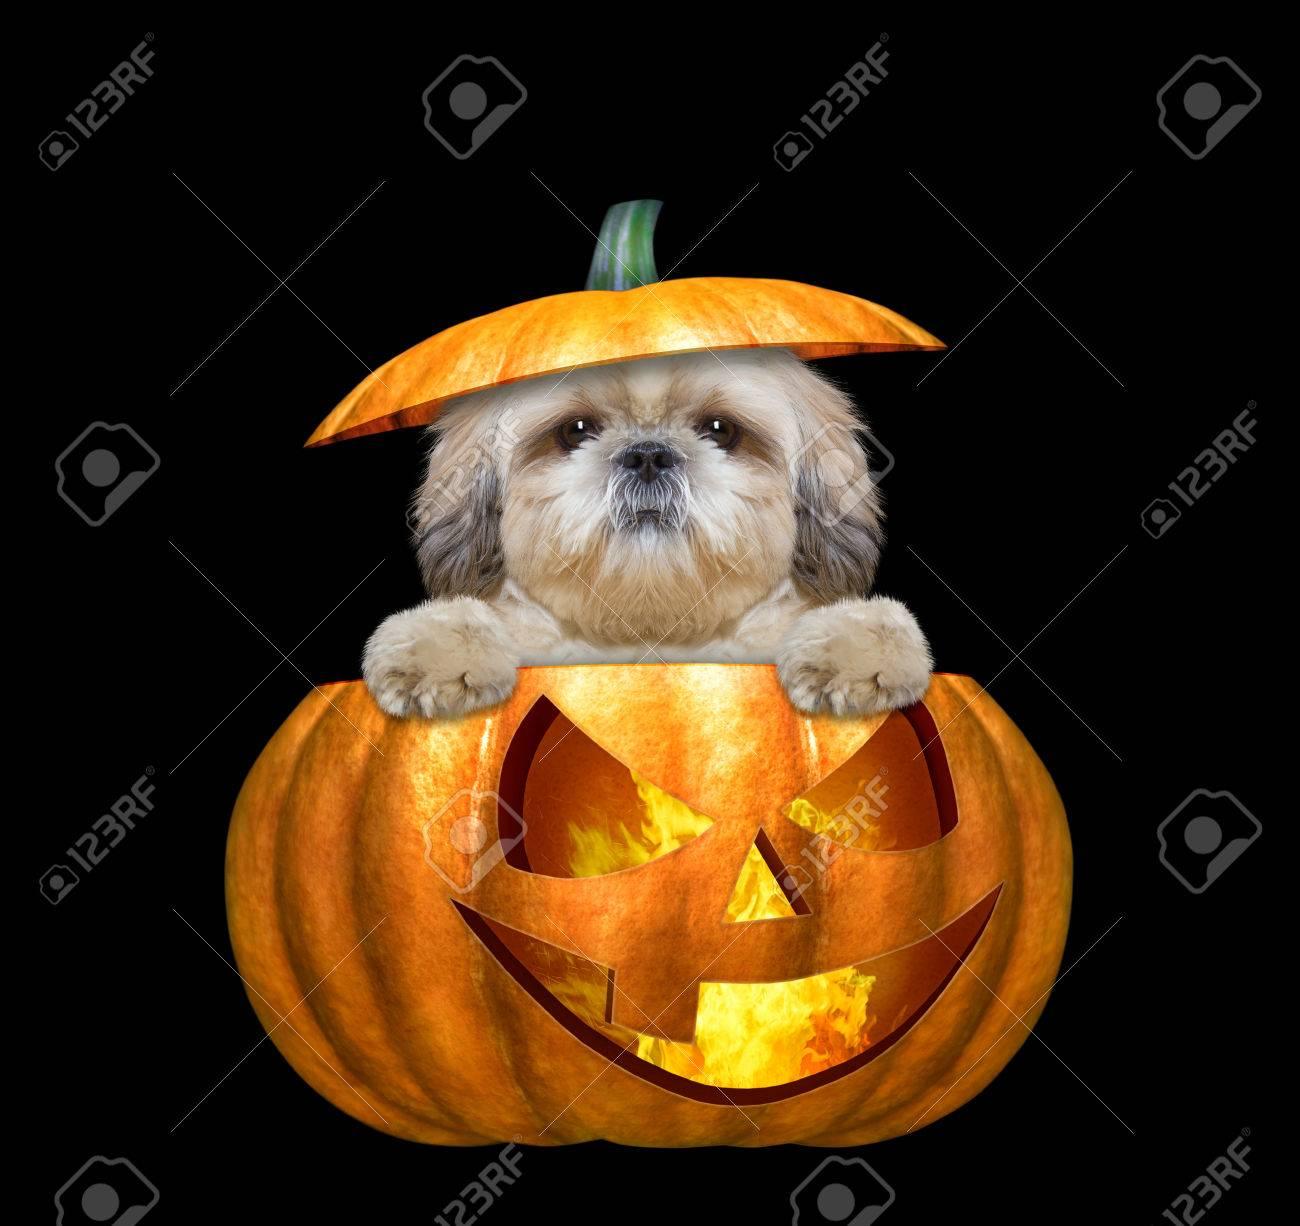 Halloween Kurbis Hexe Niedlichen Hund Isoliert Auf Schwarz